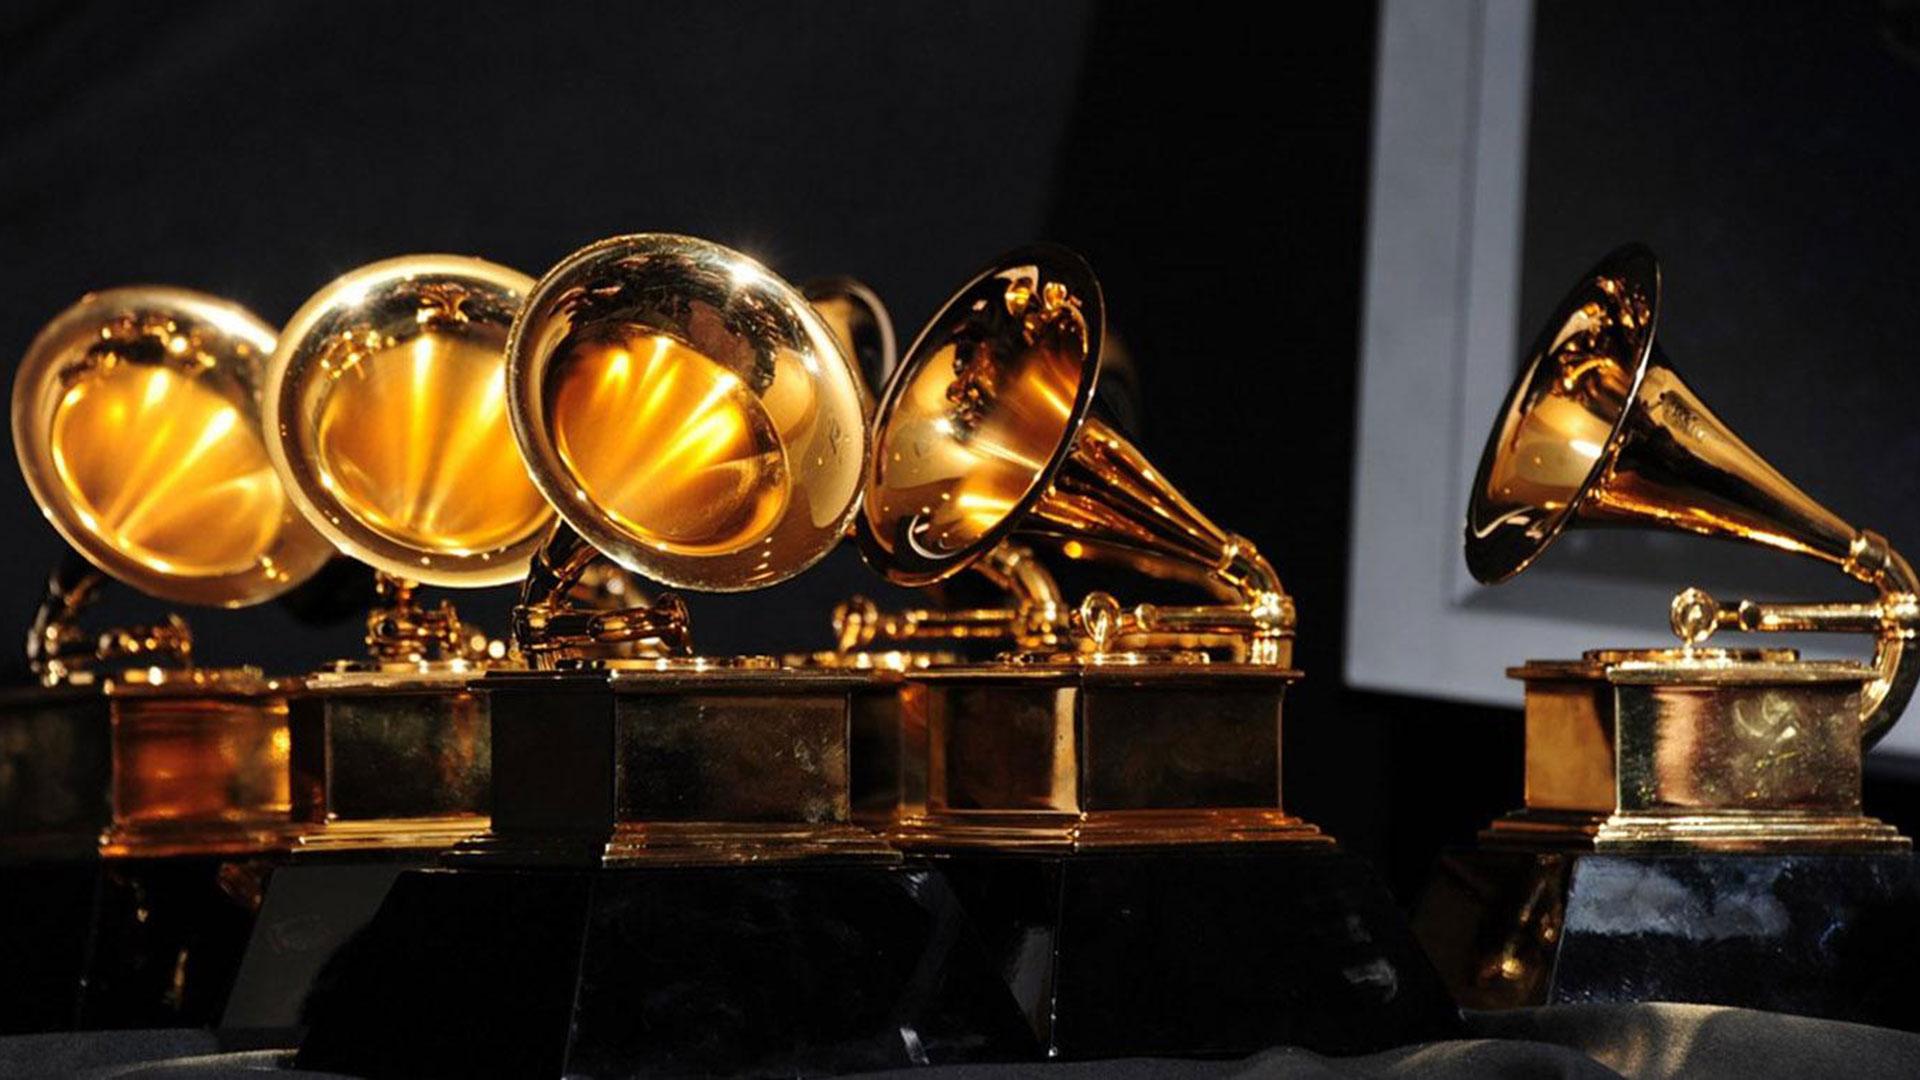 La próxima entrega de los Latin Grammy será apoyada por múltiples plataformas de Univision que incluyen a digital, social media y radio, en donde se podrán acceder a todos los detalles antes, durante y después de la gala